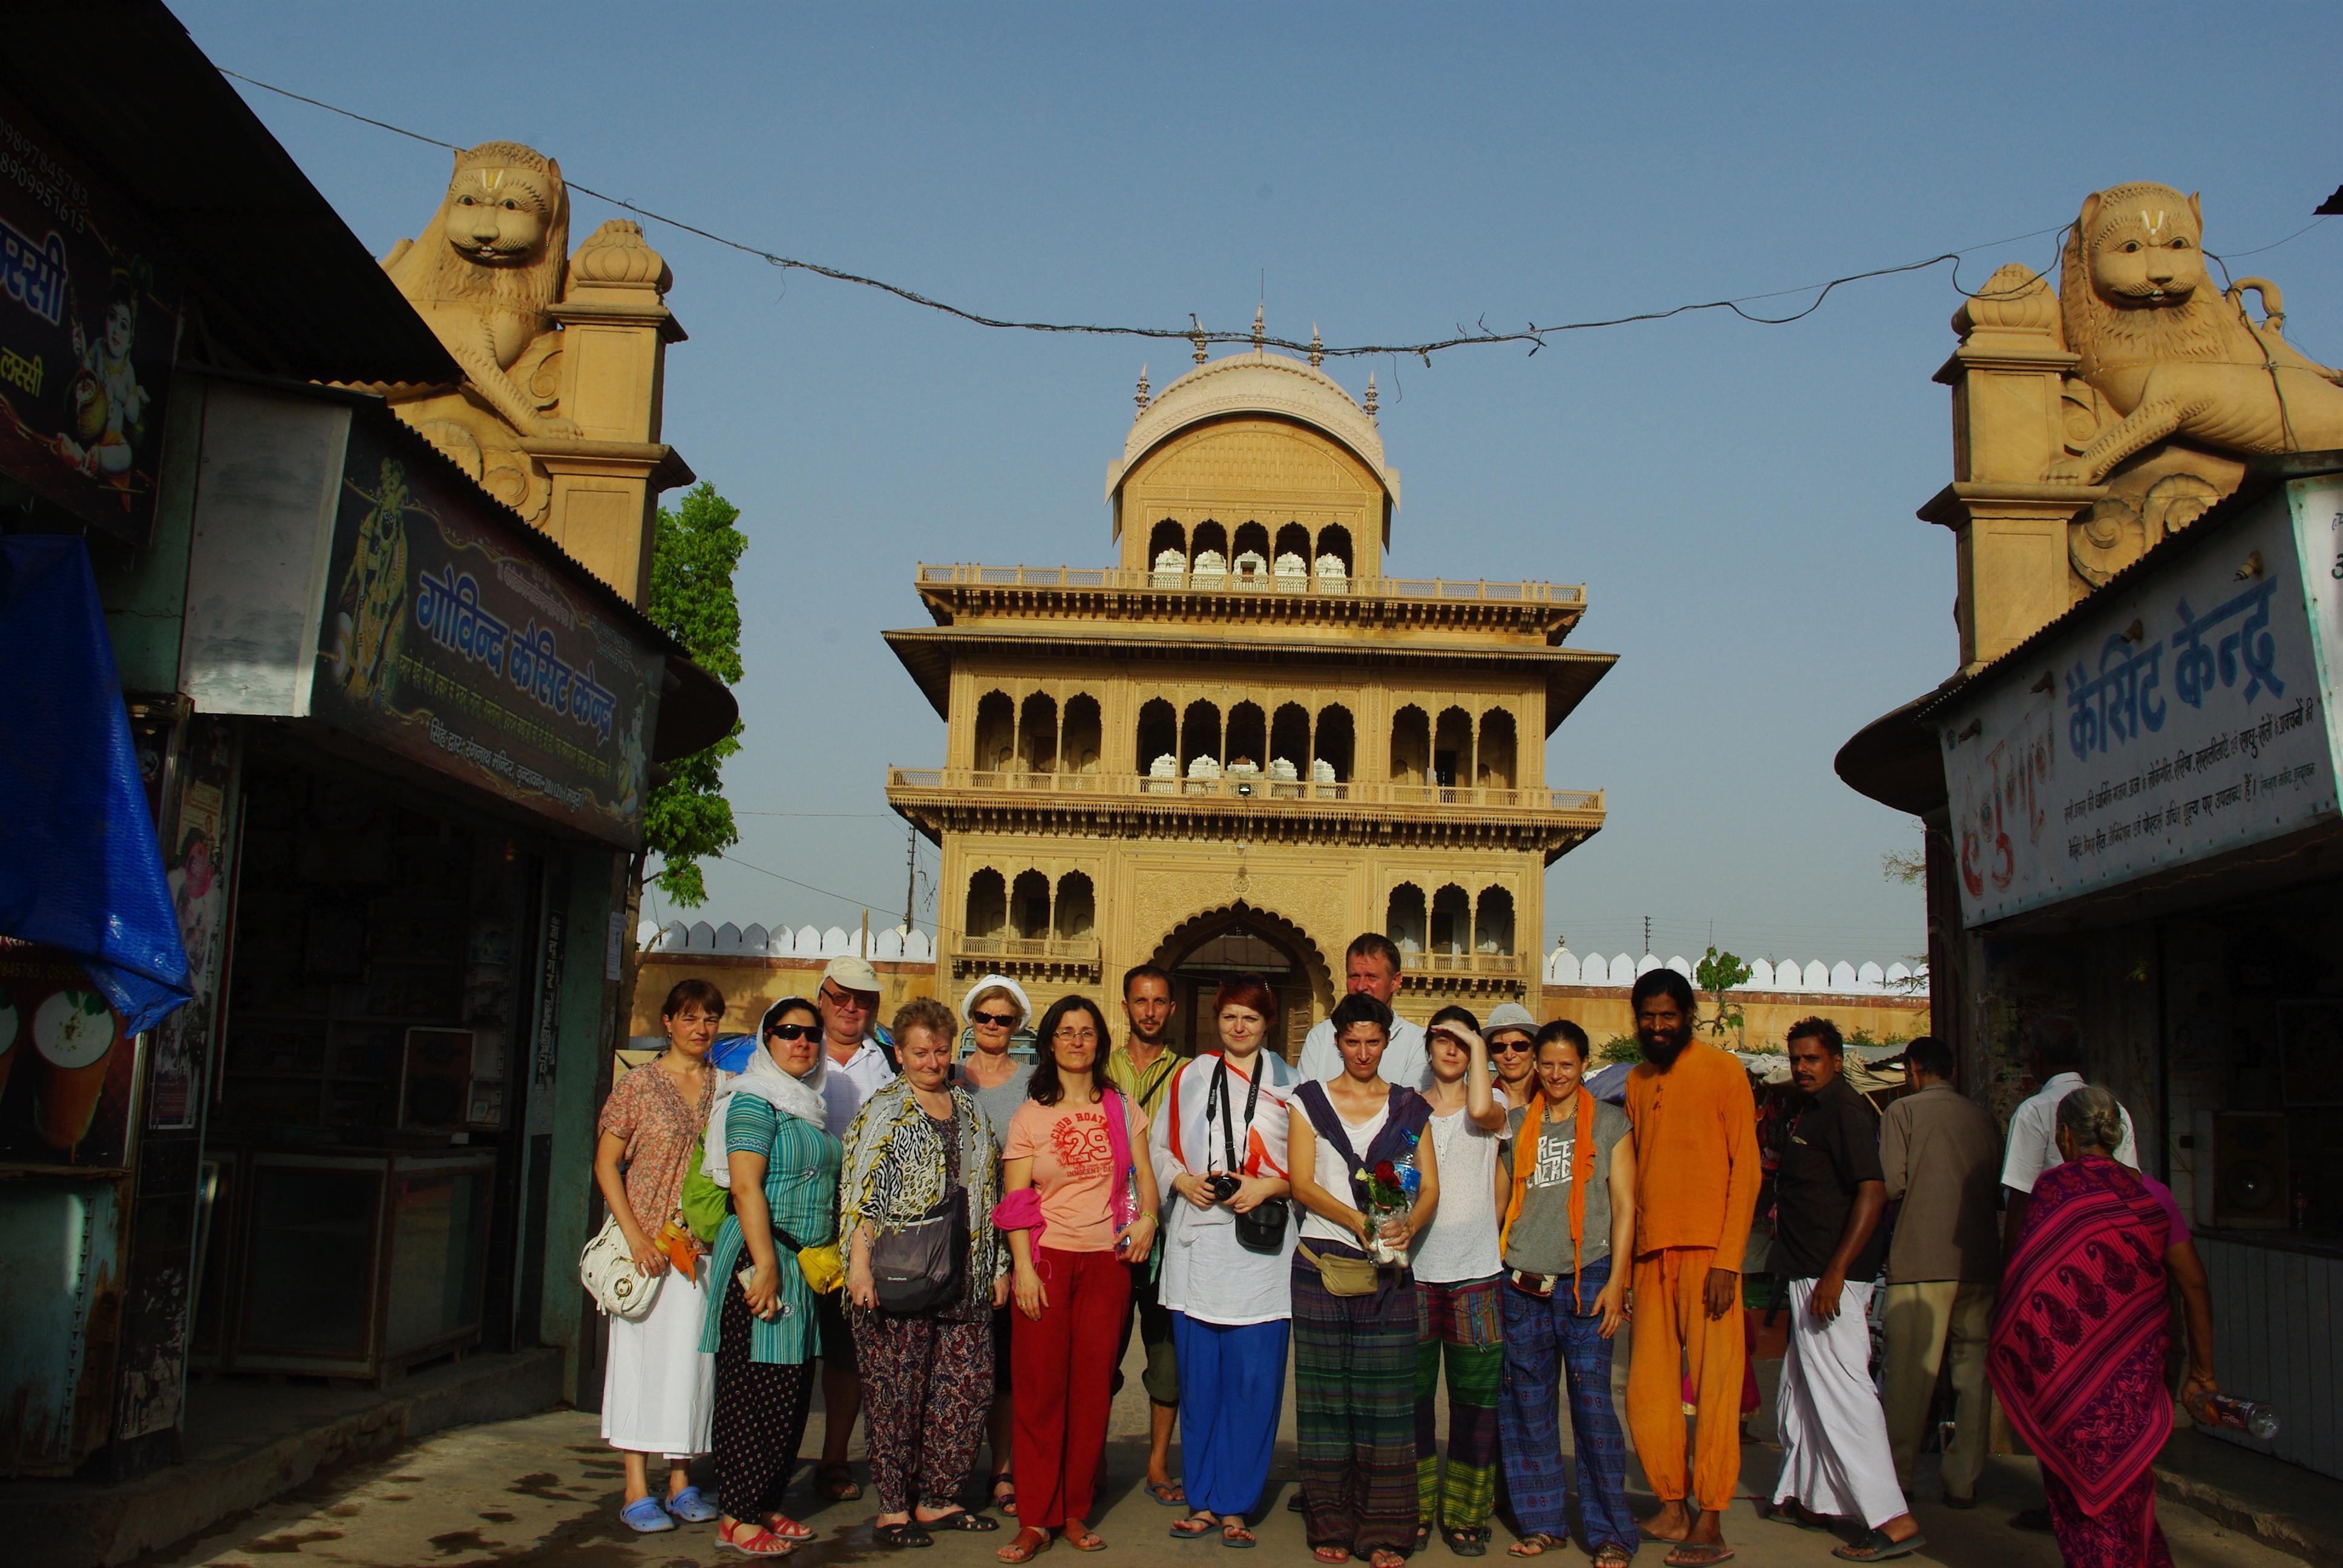 Szerelmünk, India - dél-indiai barangolásaink